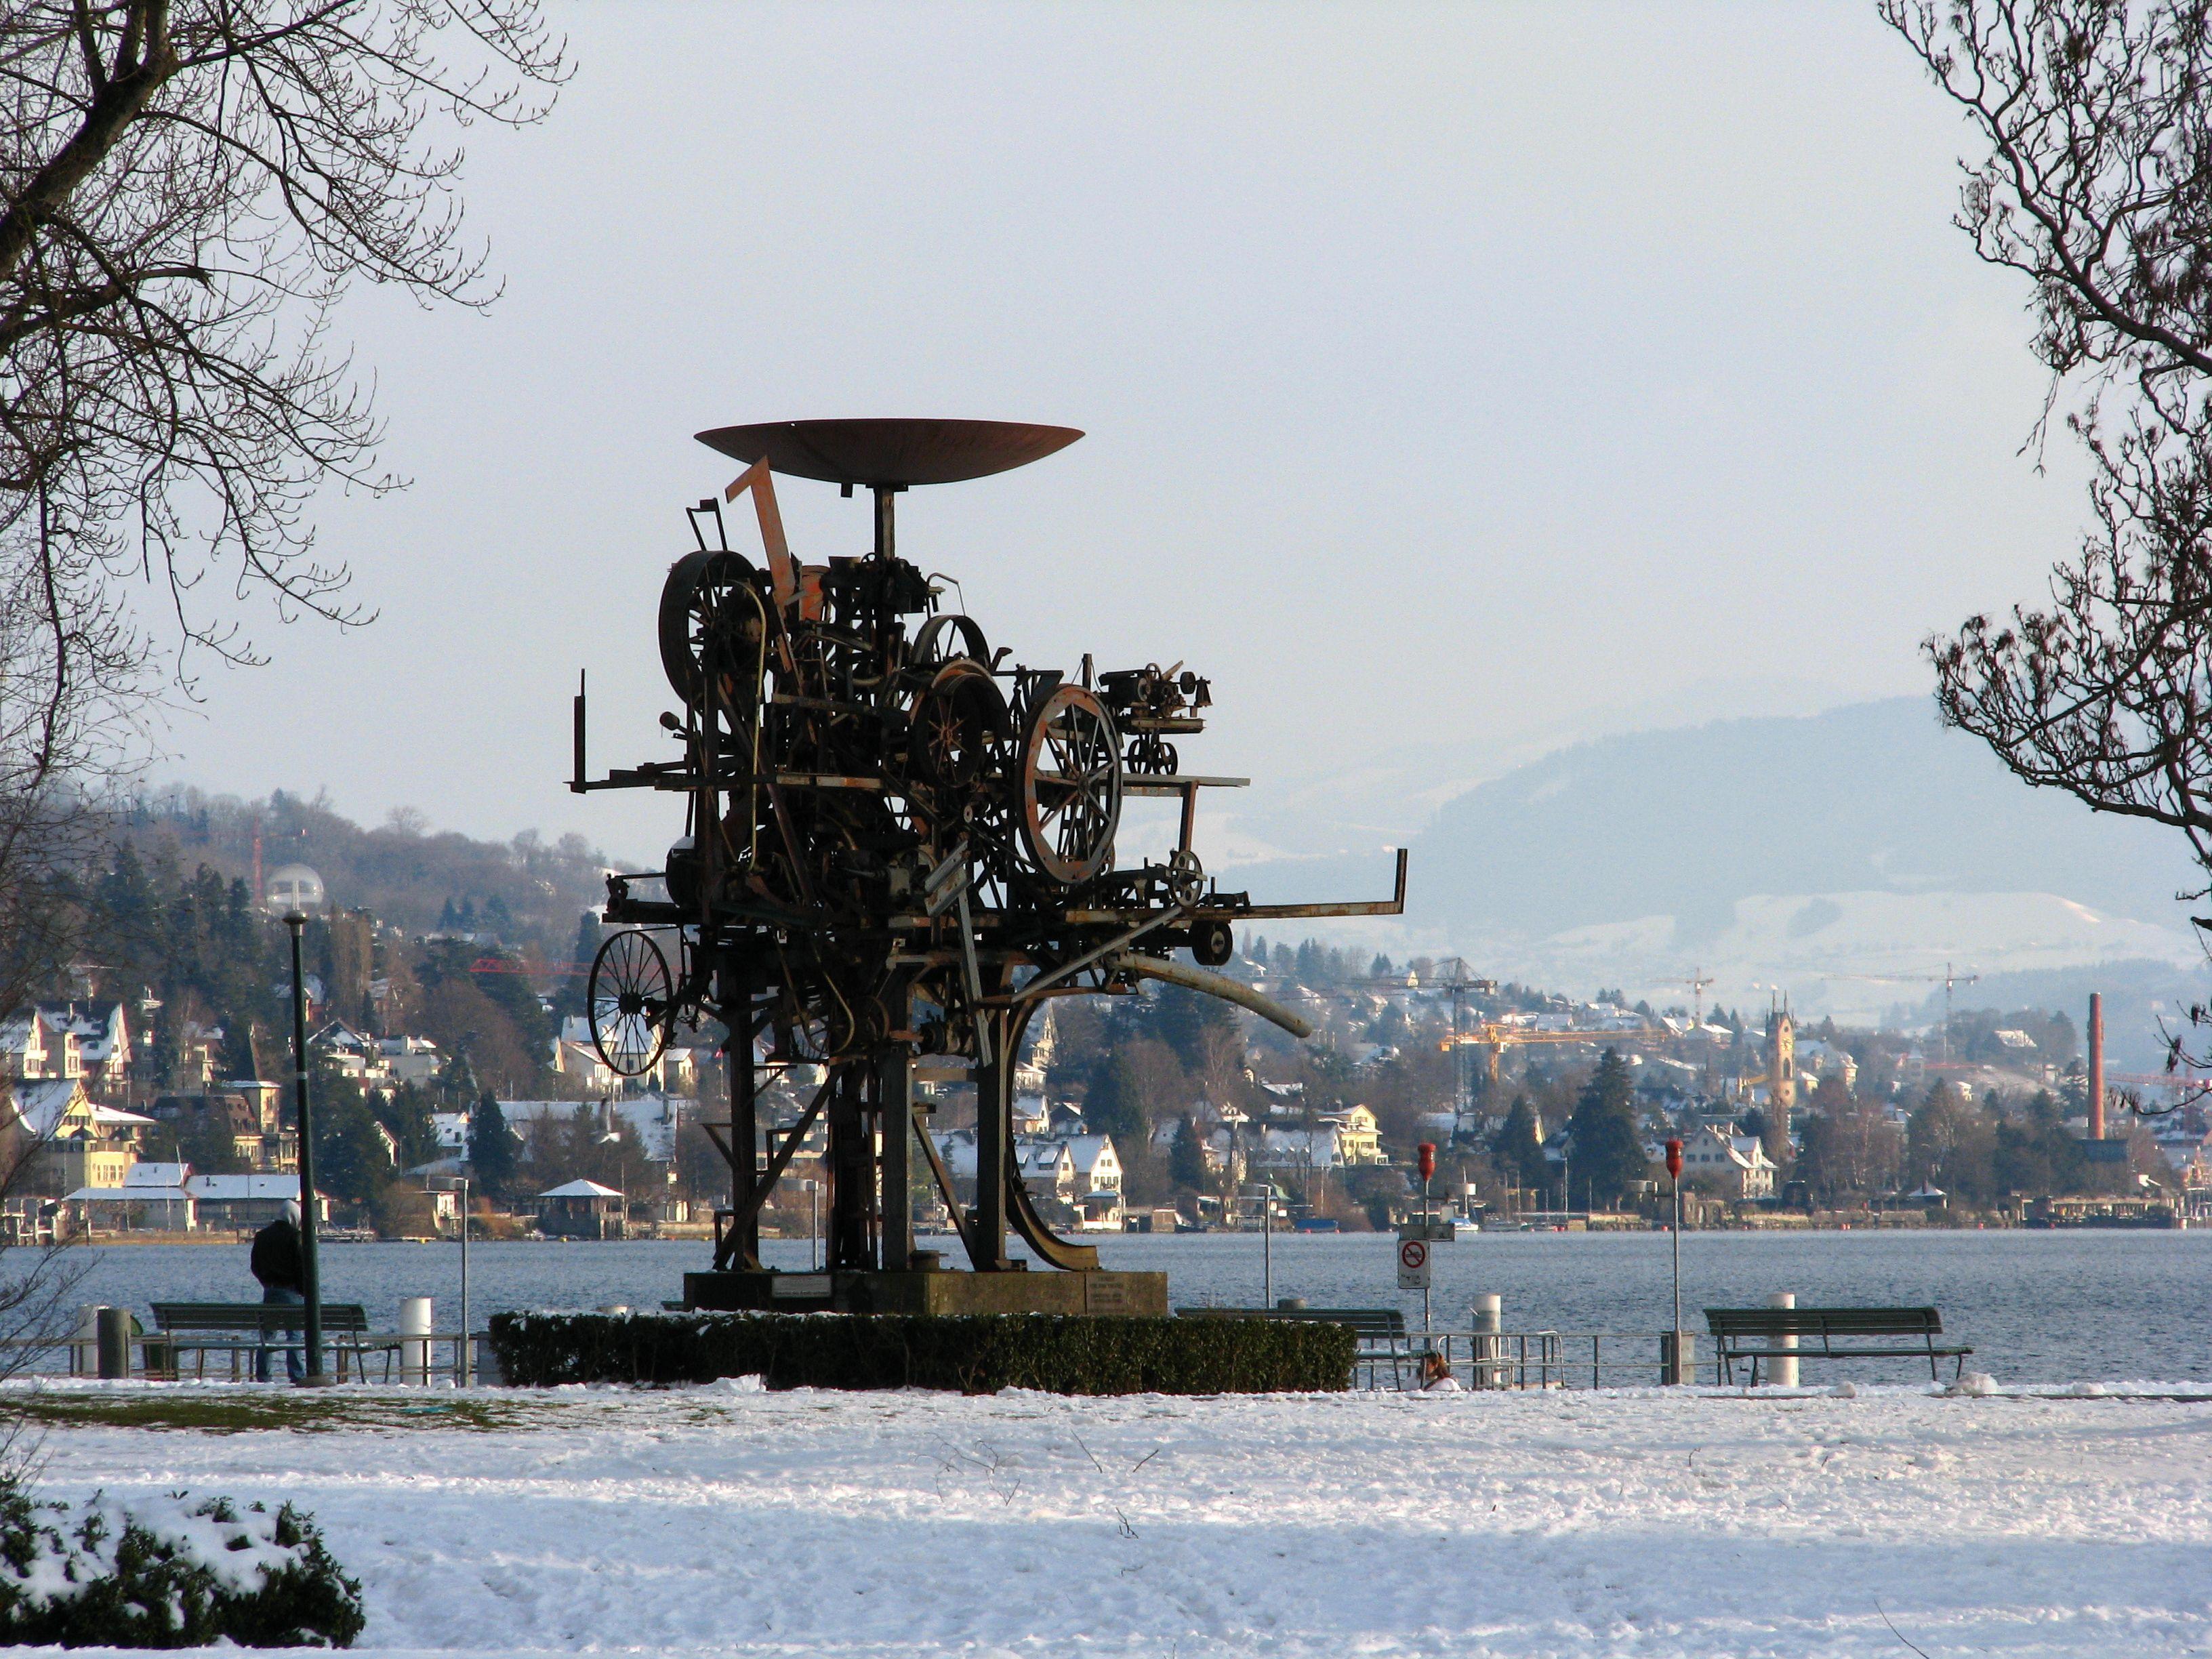 Zürich_-_Seefeld_-_Heureka_IMG_1605.JPG (JPEG-afbeelding, 3264×2448 pixels) - Geschaald (38%)